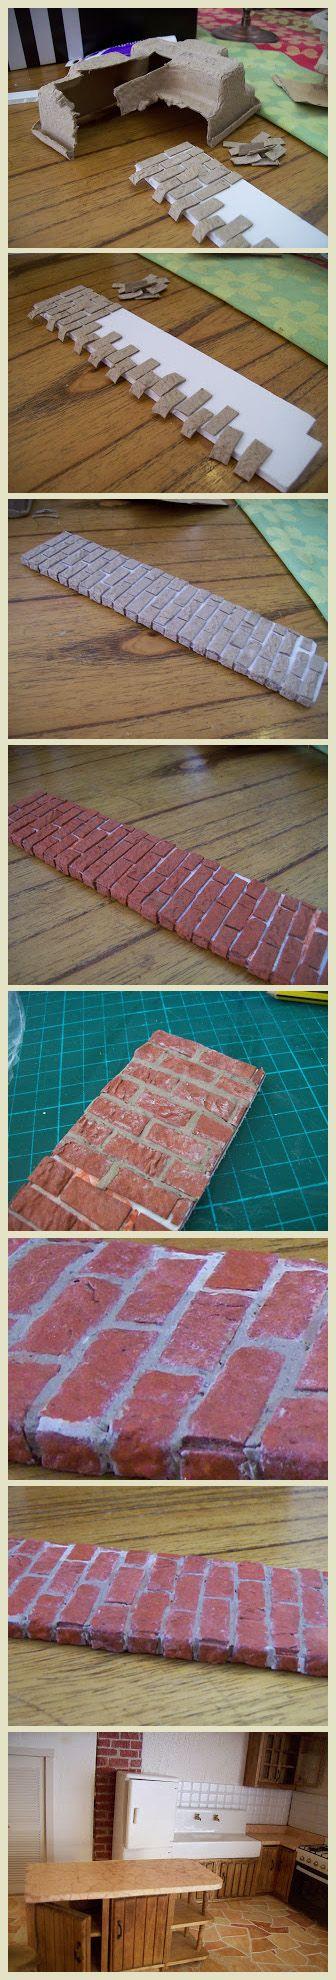 Tuto pour un mur de brique pour décore de poupée